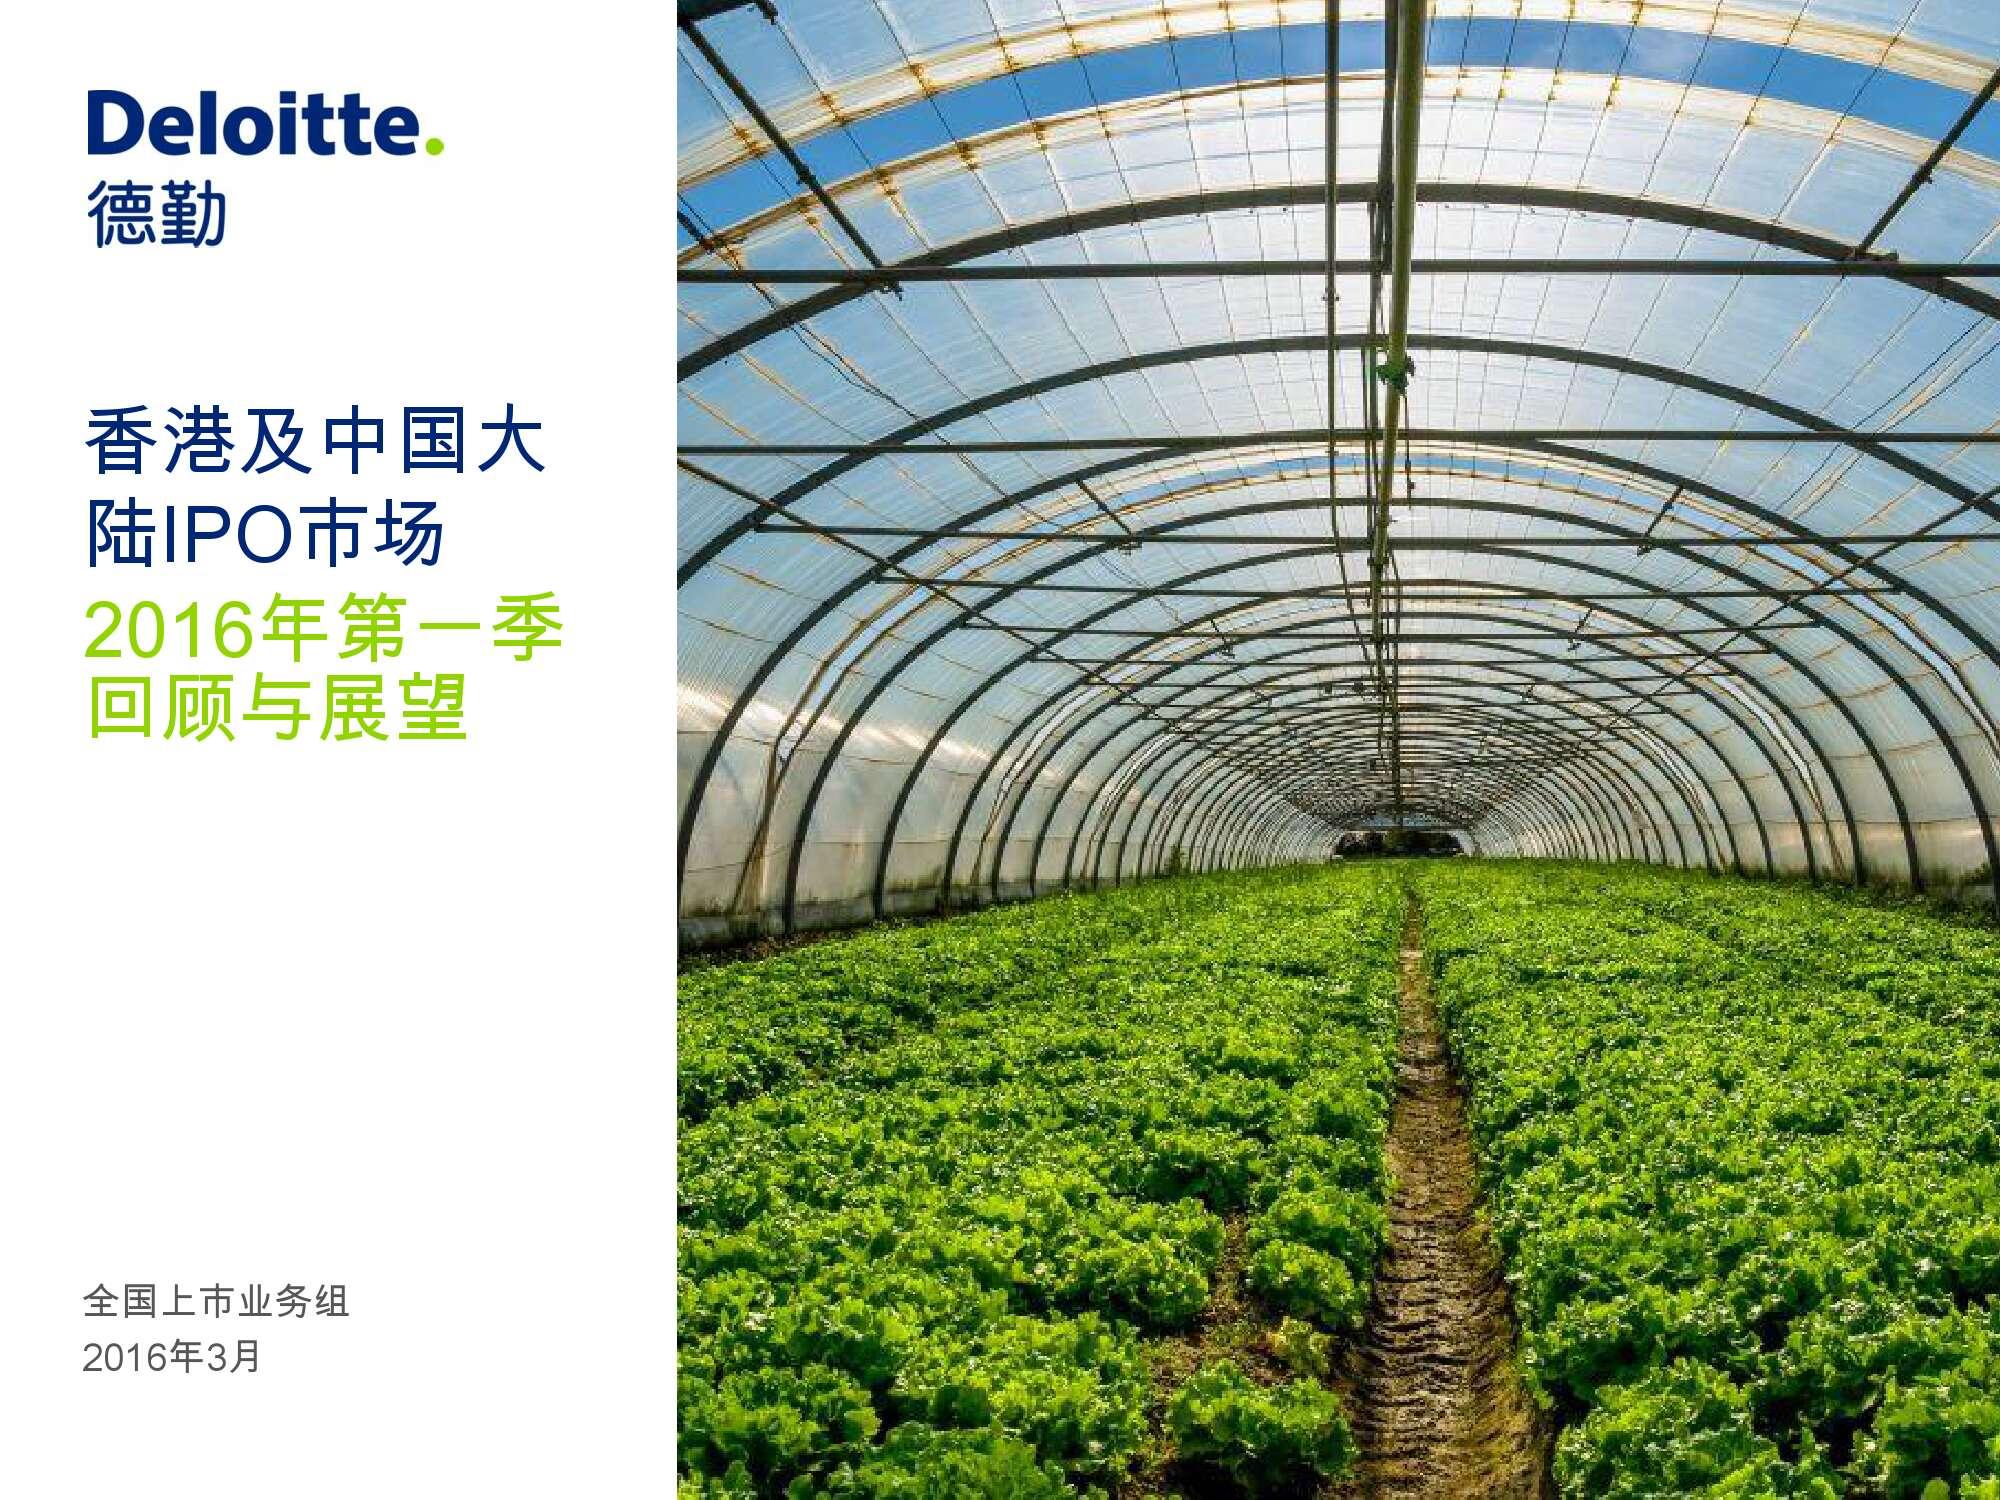 香港及中国大陆IPO市场2016年1季度_000001